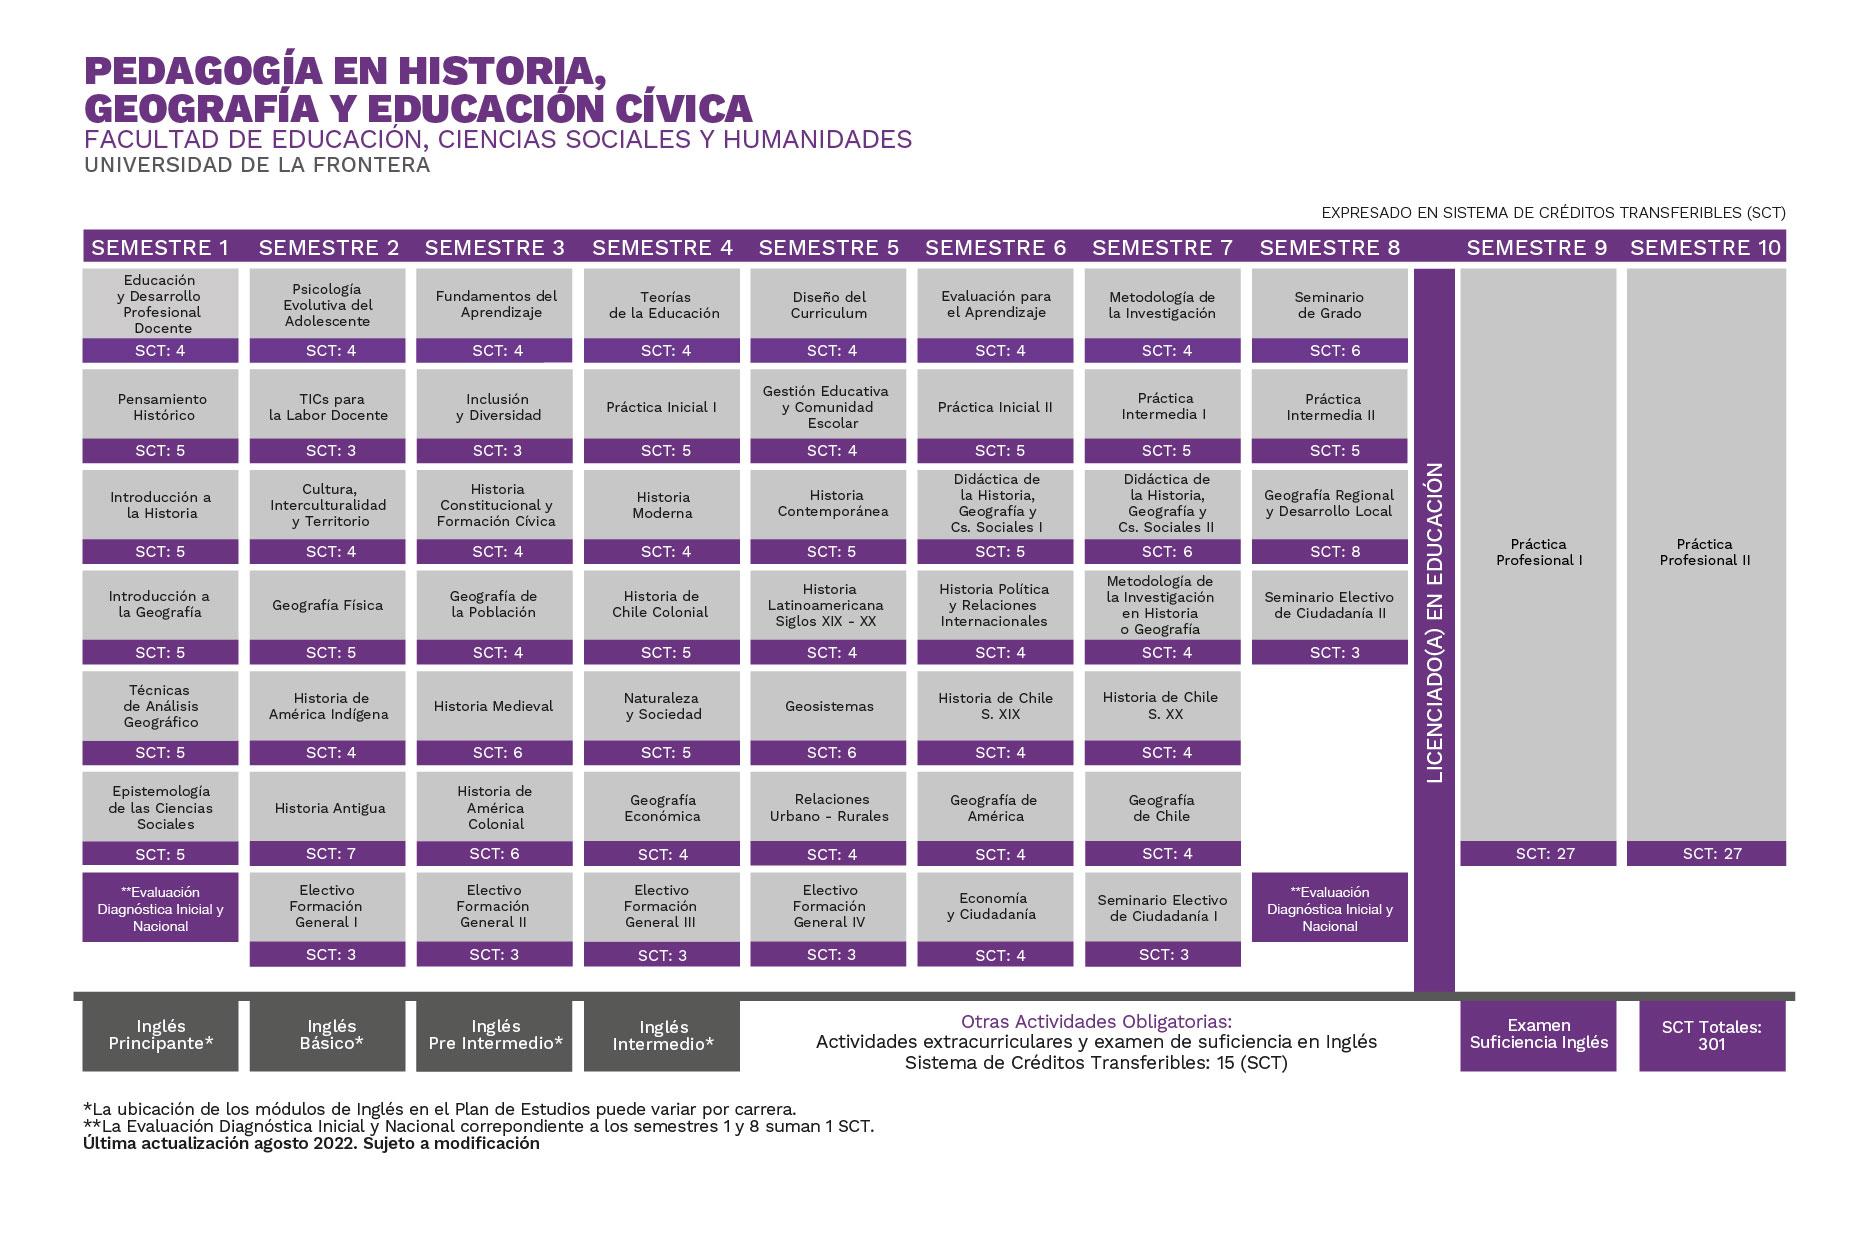 Plan de Estudios Pedagogía en Historia, Geografía y Educación Cívica